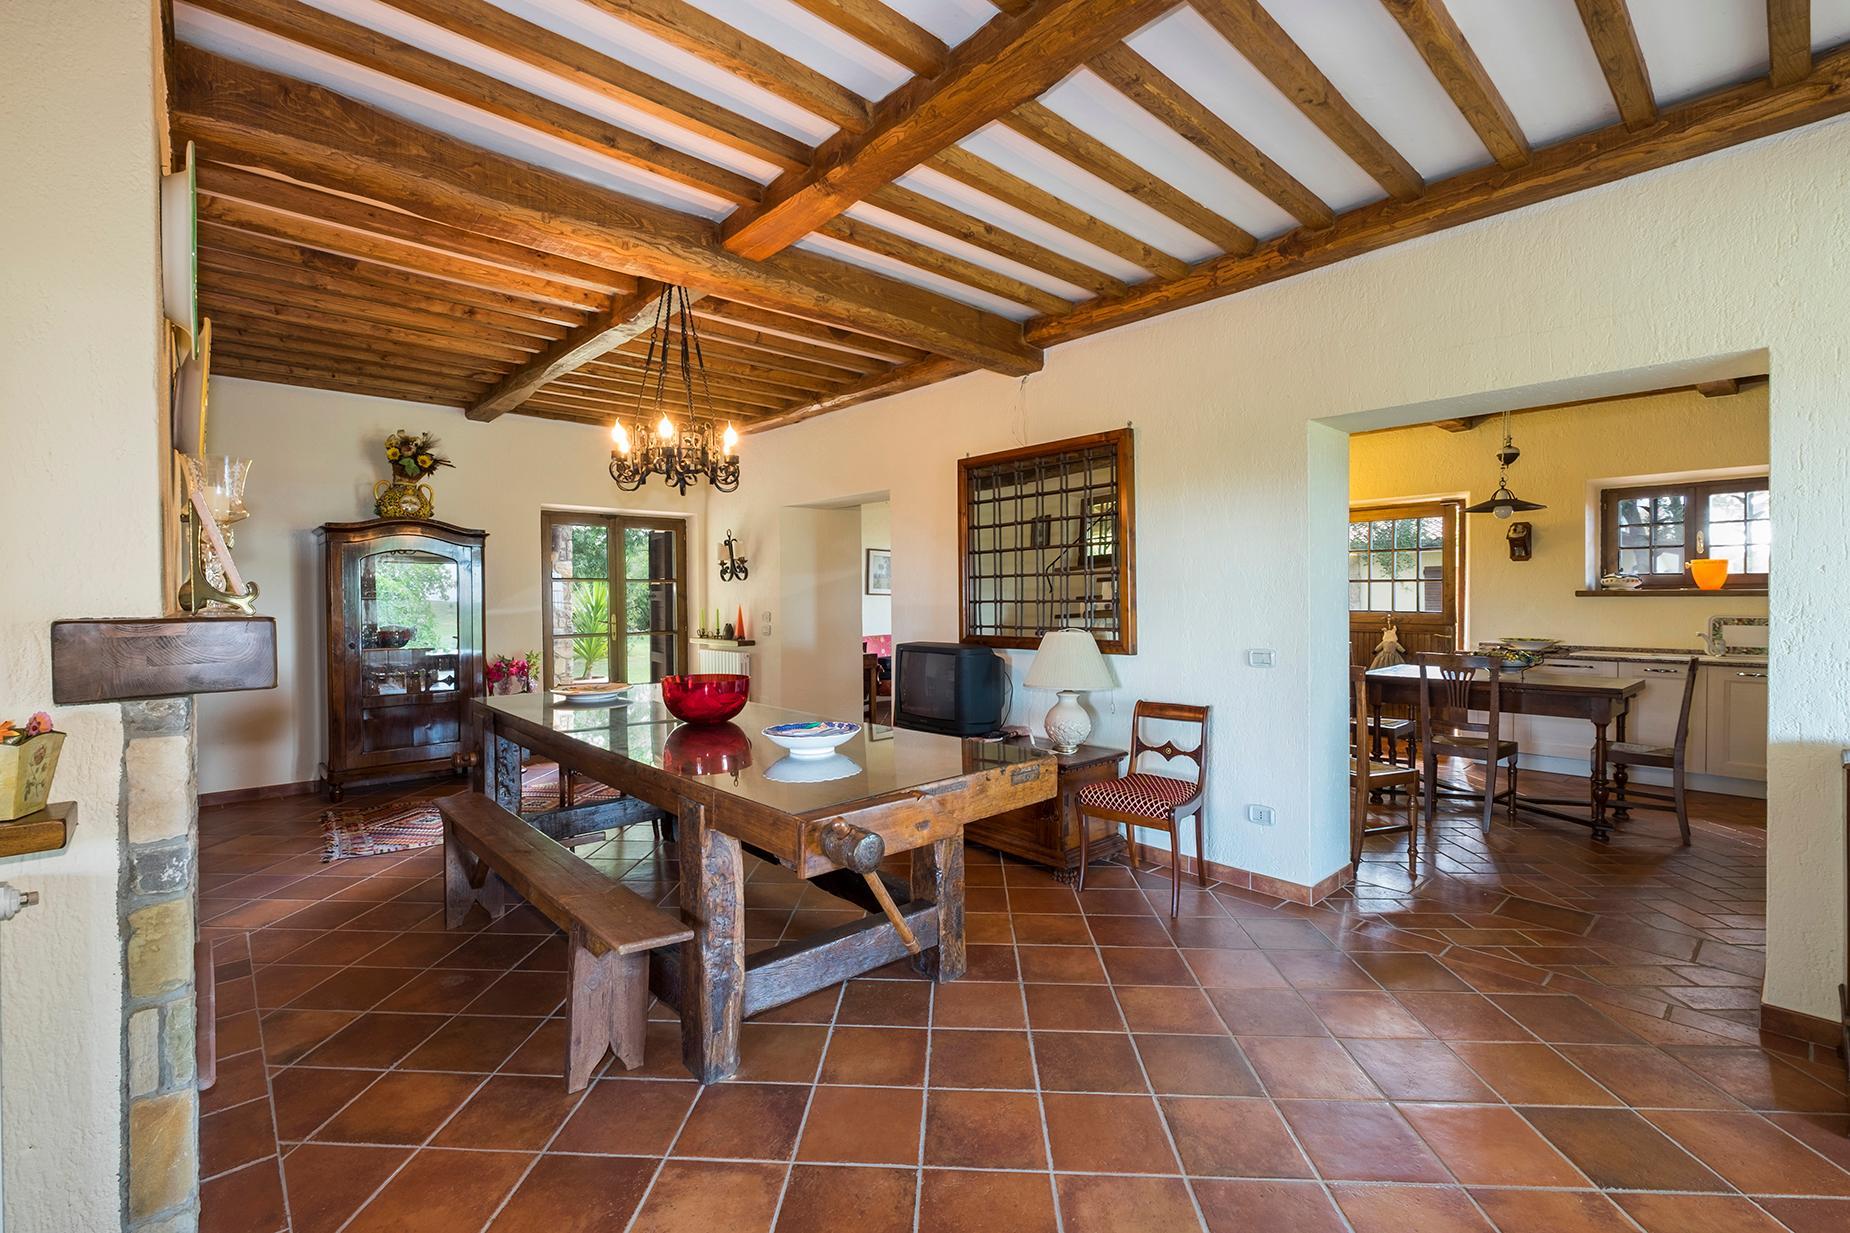 Fein restauriertes Bauernhaus auf den toskanischen Hügeln - 5